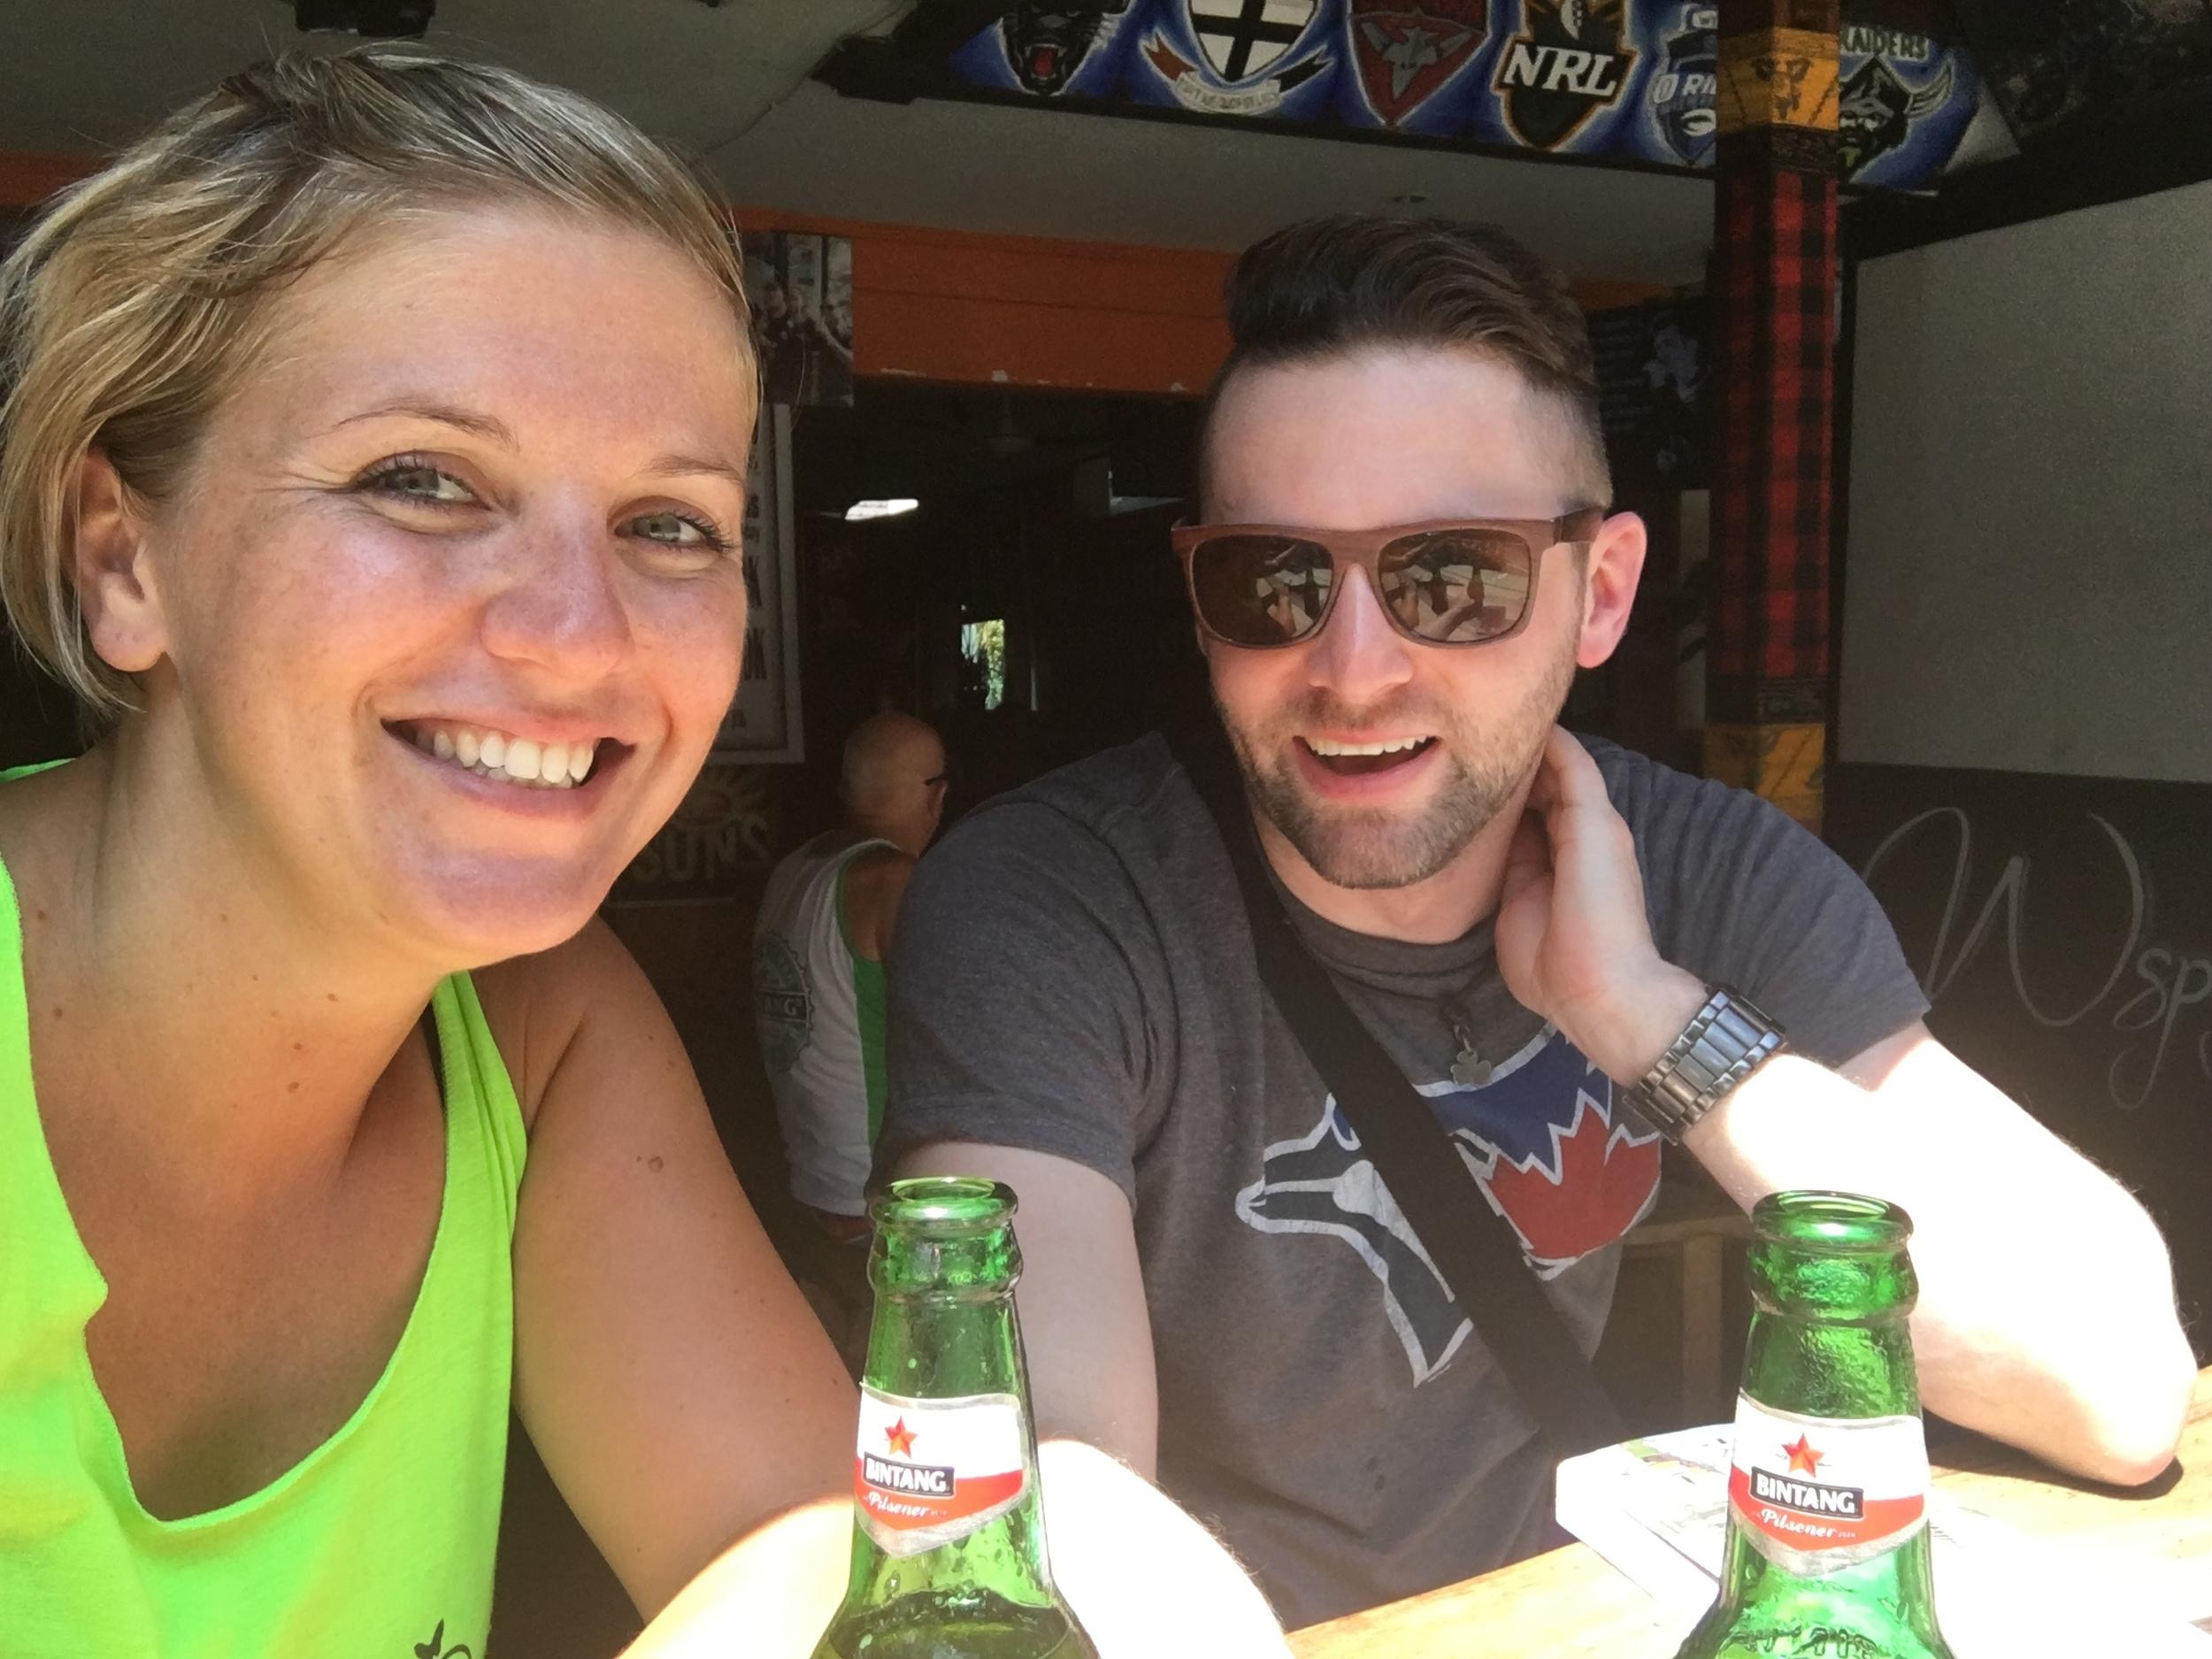 Sean and I enjoying some Bintangs